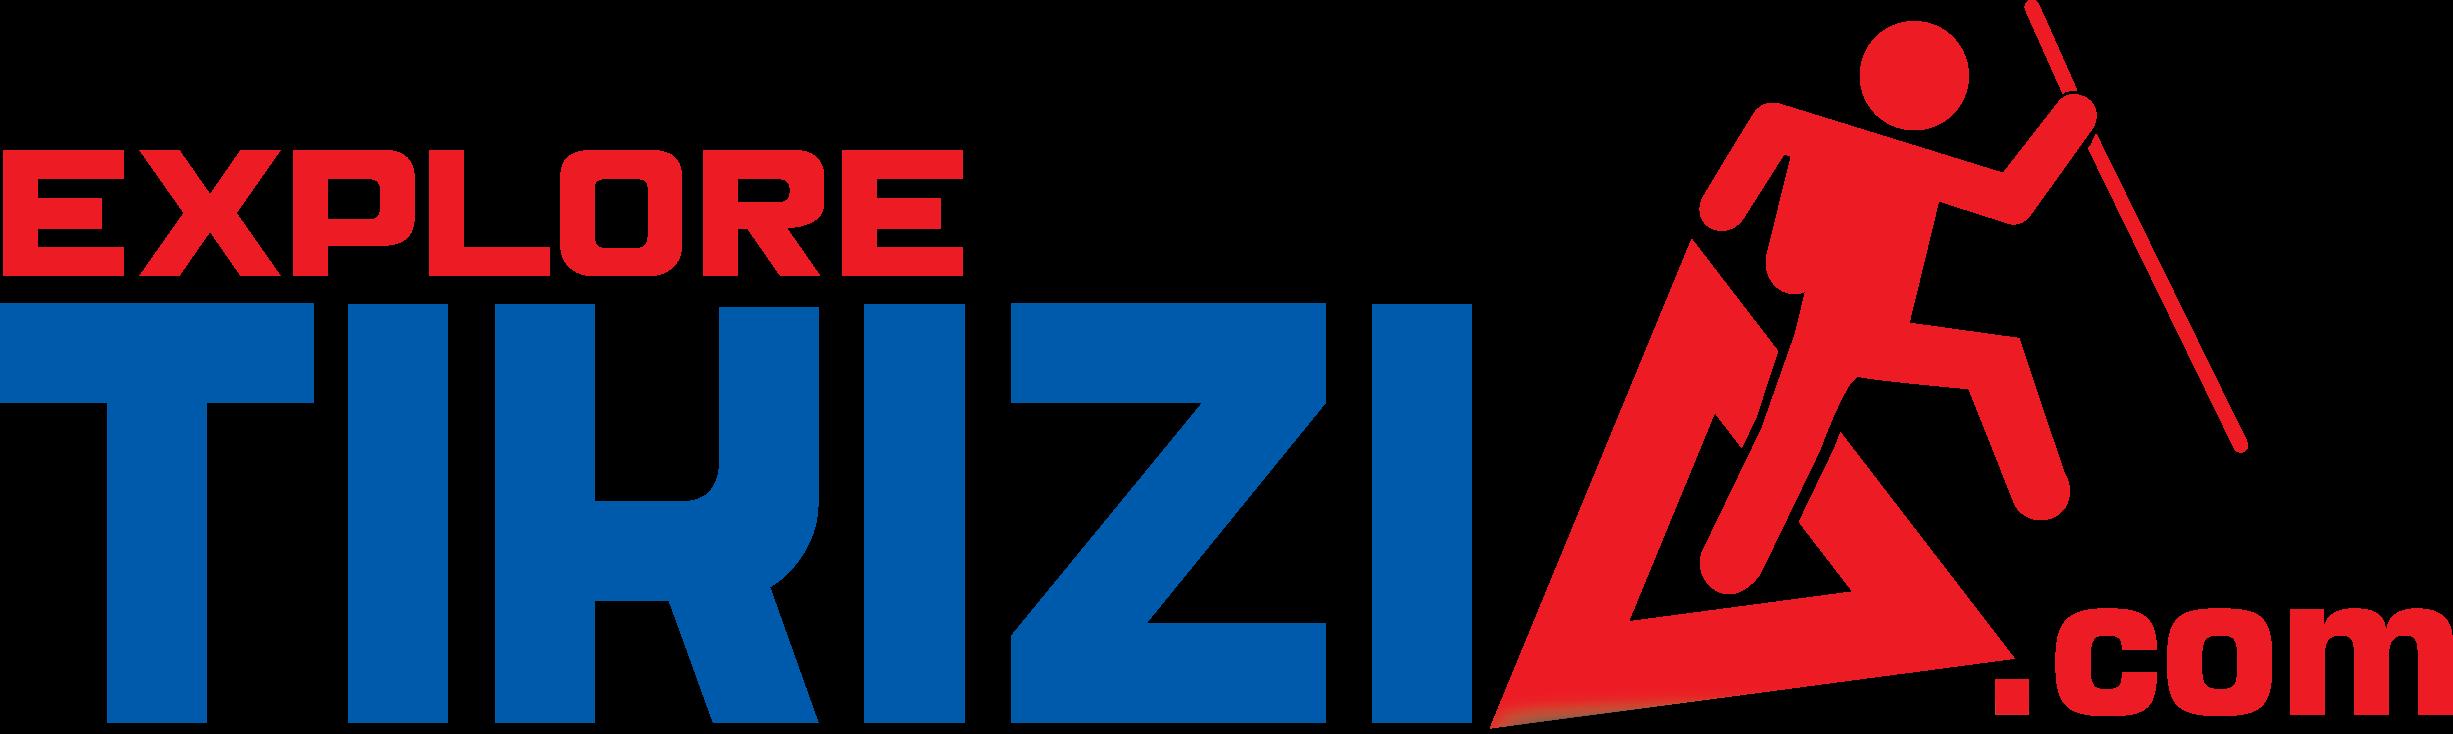 Explore Tikizia